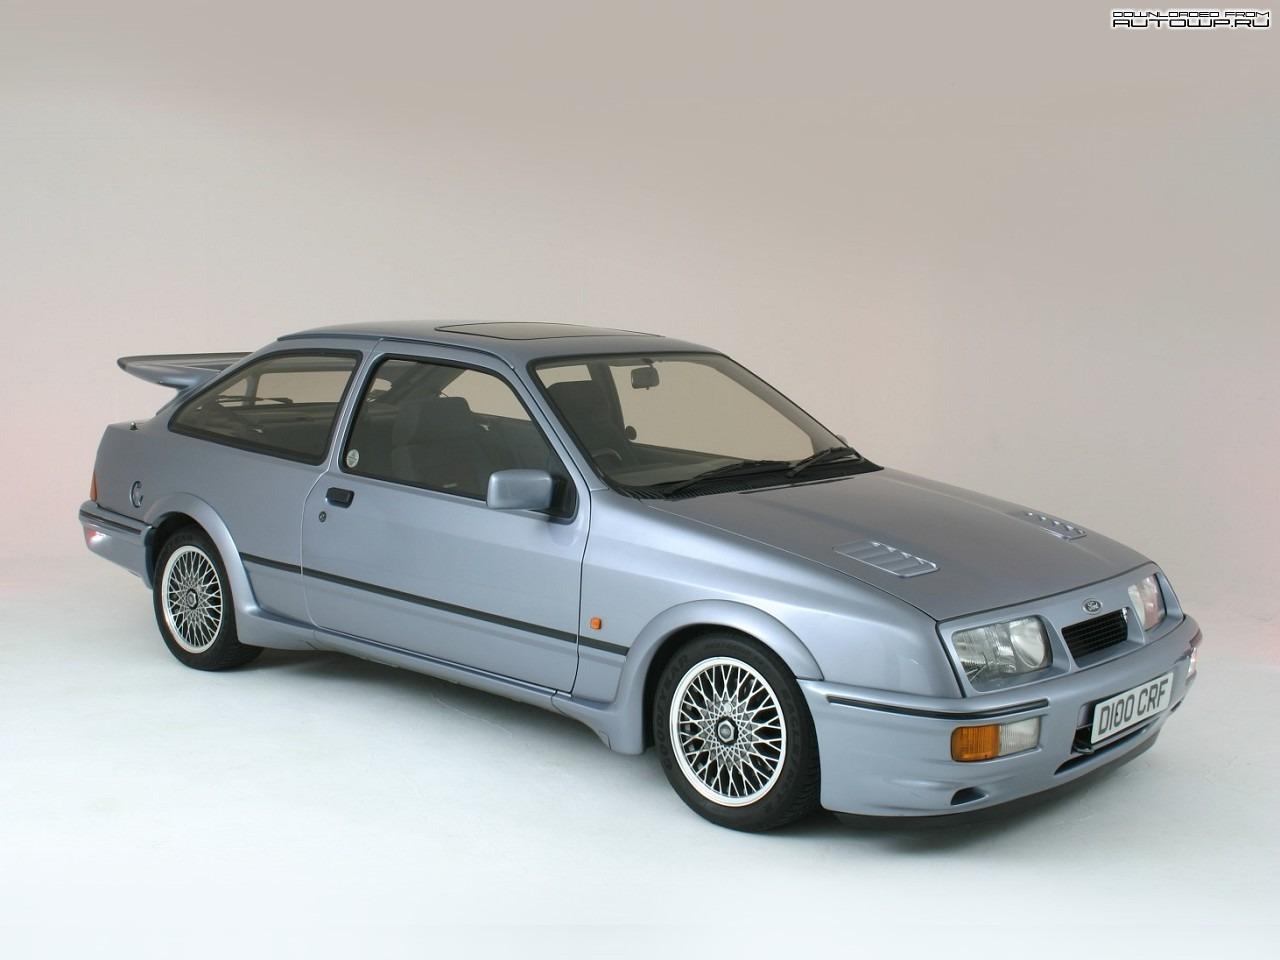 модельный ряд ford в картинках с 1980-1985